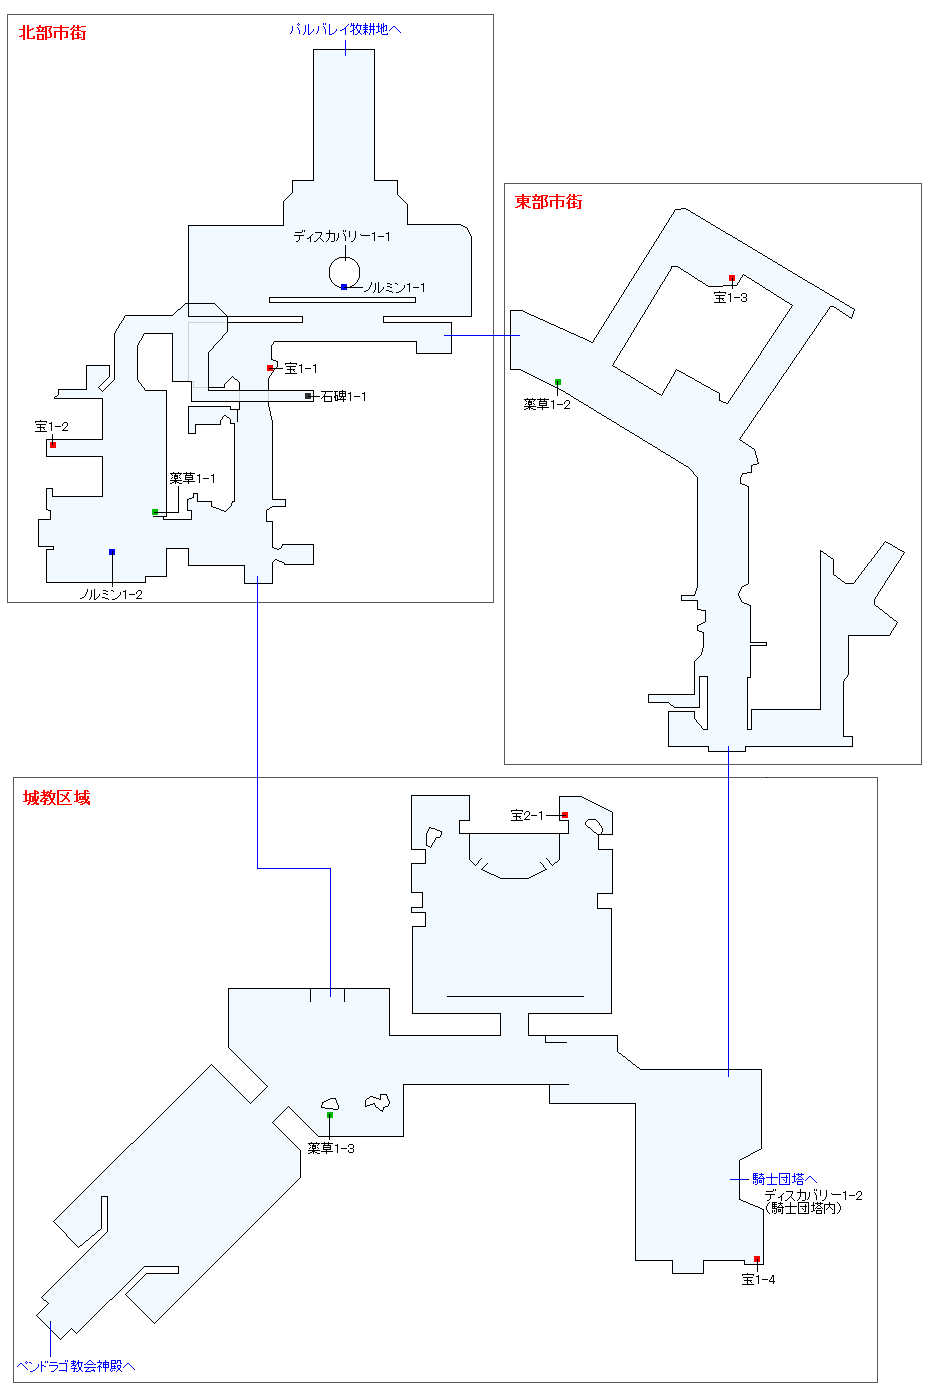 聖なる皇都ペンドラゴマップ